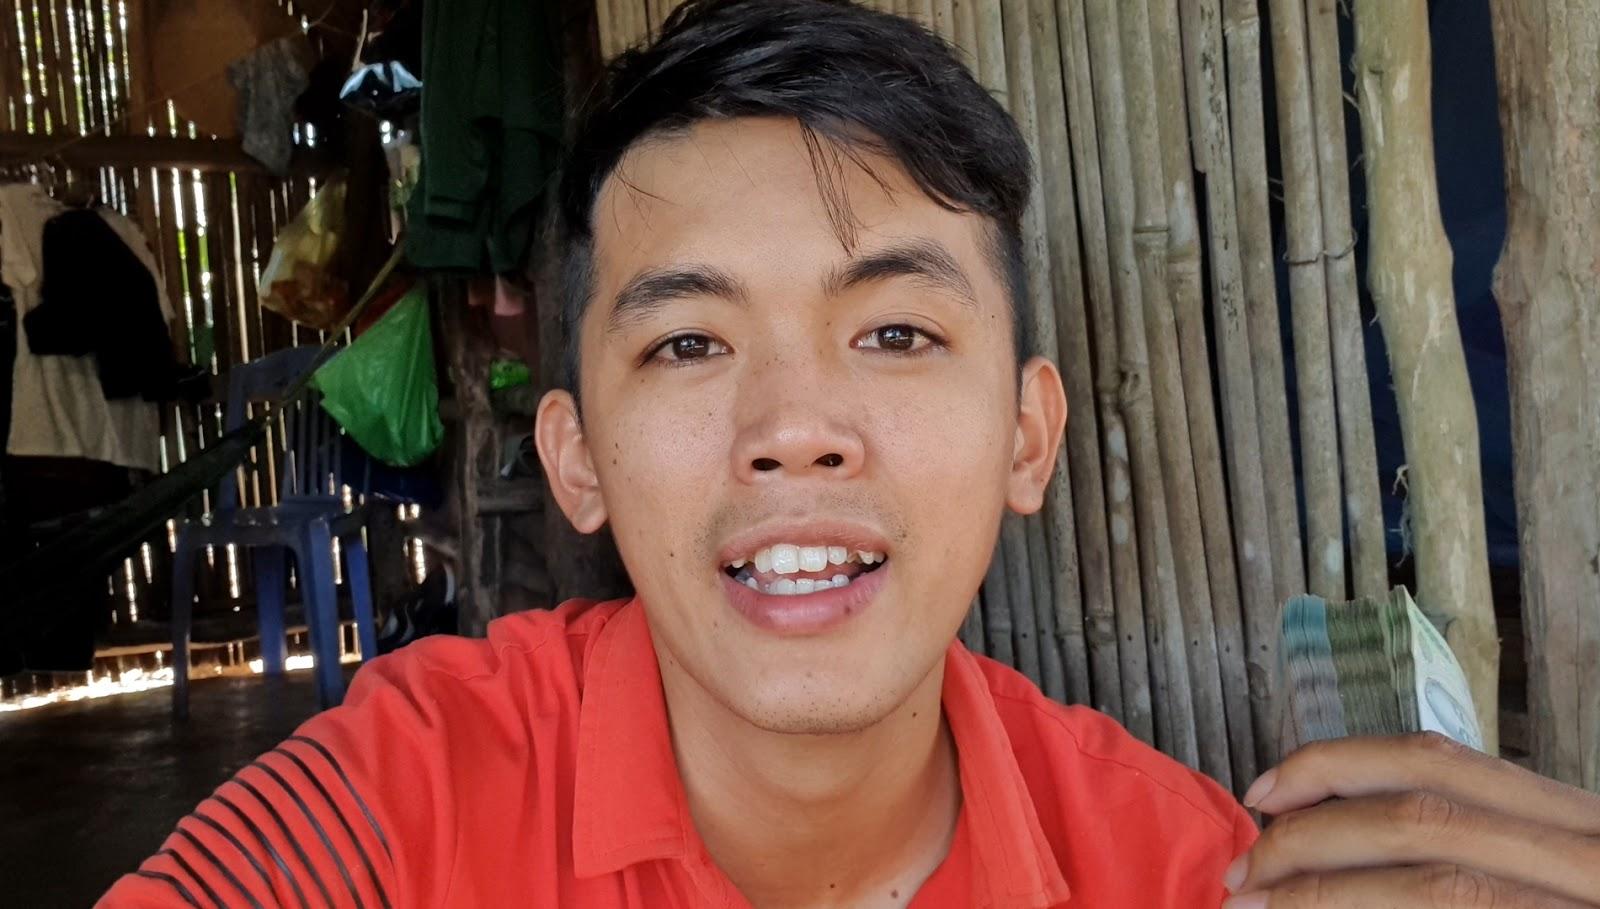 """Chàng phụ hồ là """"YouTuber nghèo nhất VN"""" khoe xấp tiền nhận được từ YouTube gây xôn xao - 1"""